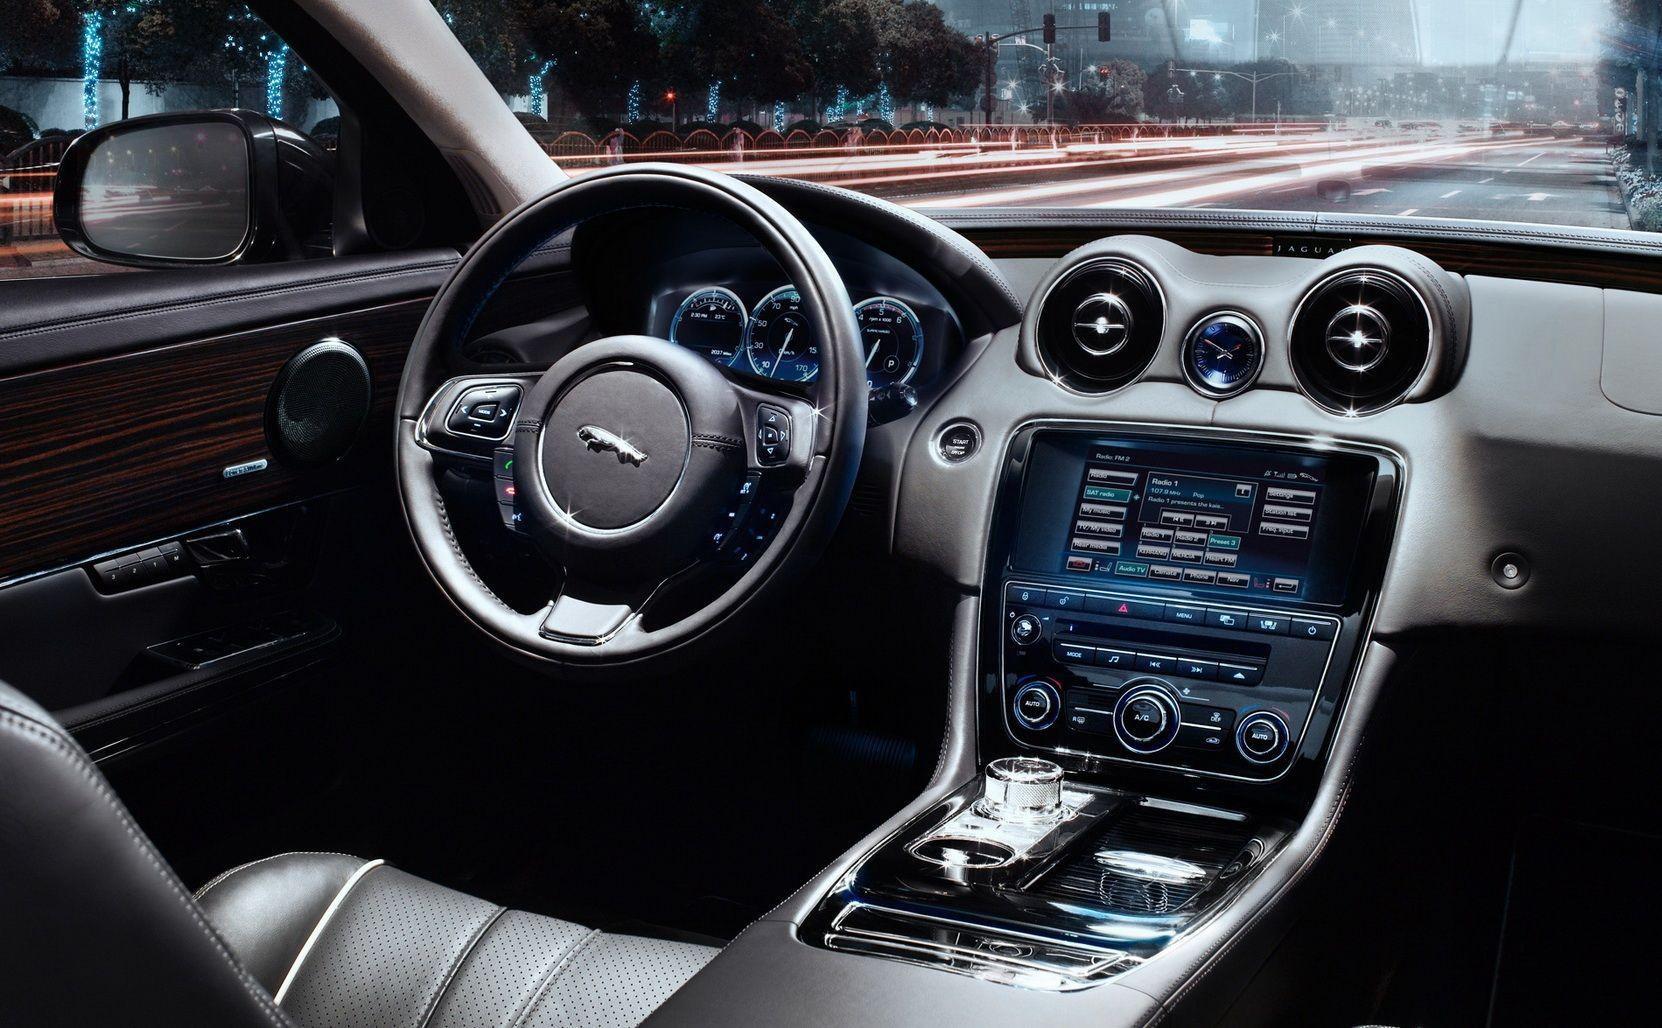 Jaguar Car Interior Google Search My Car In 2 Years Jaguar Xj